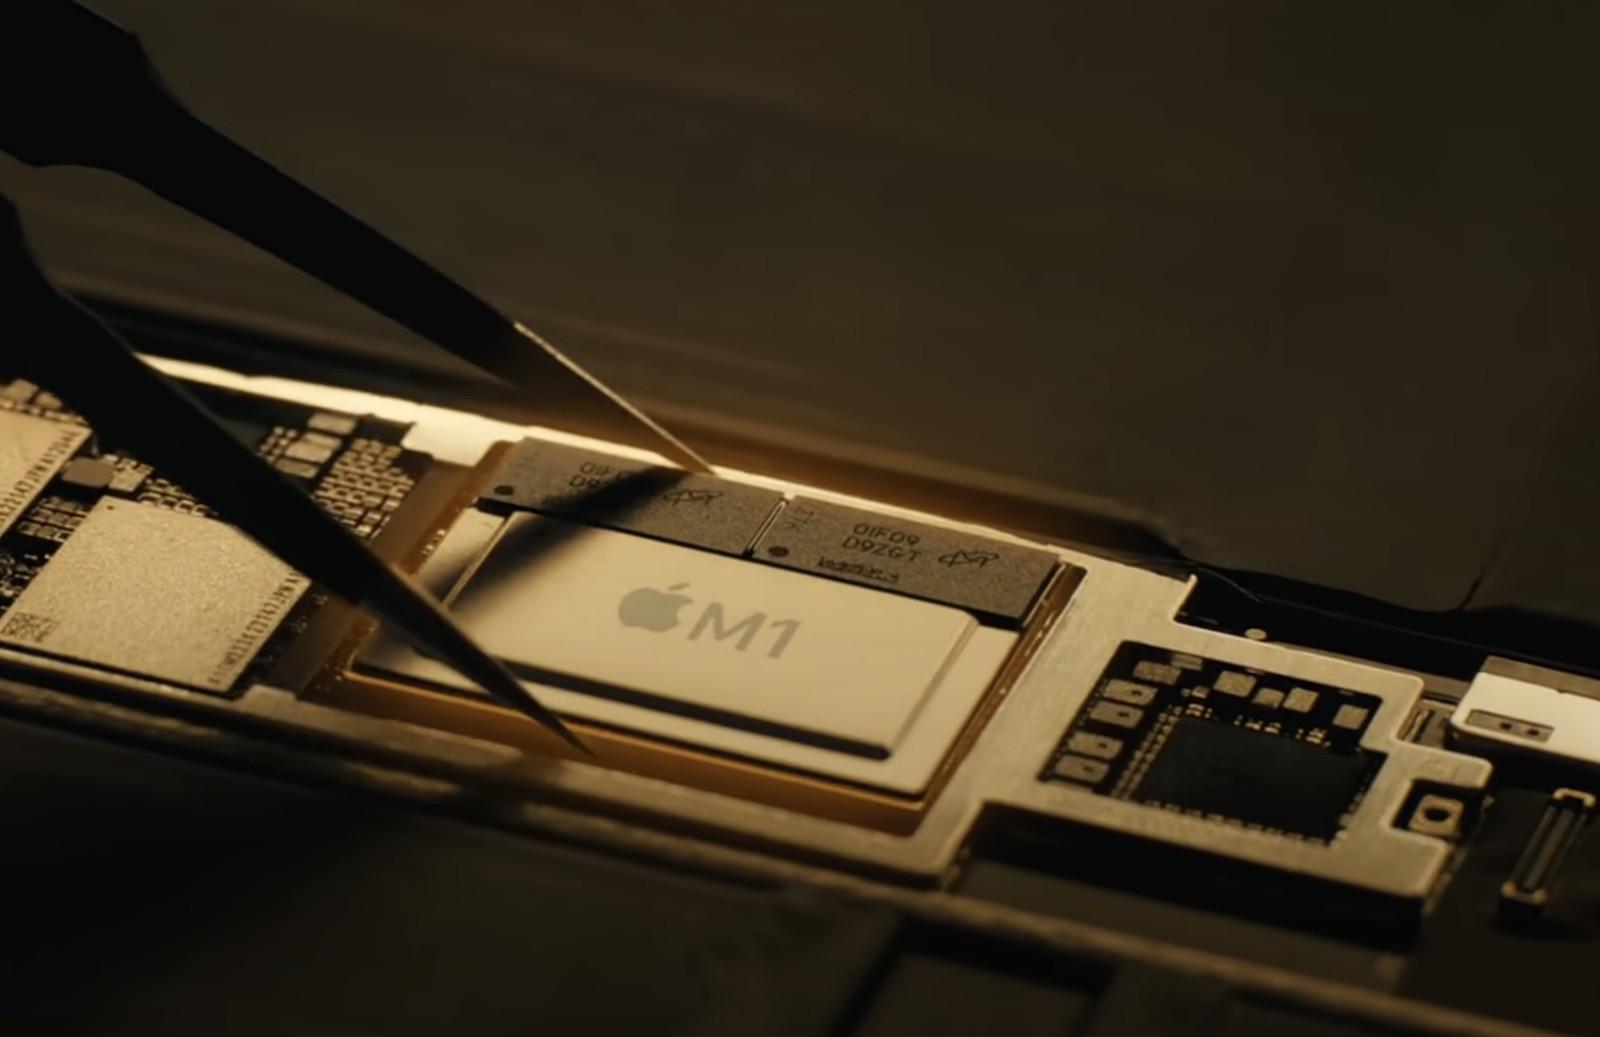 跑分出炉!M1 iPad Pro 性能提升超 50%